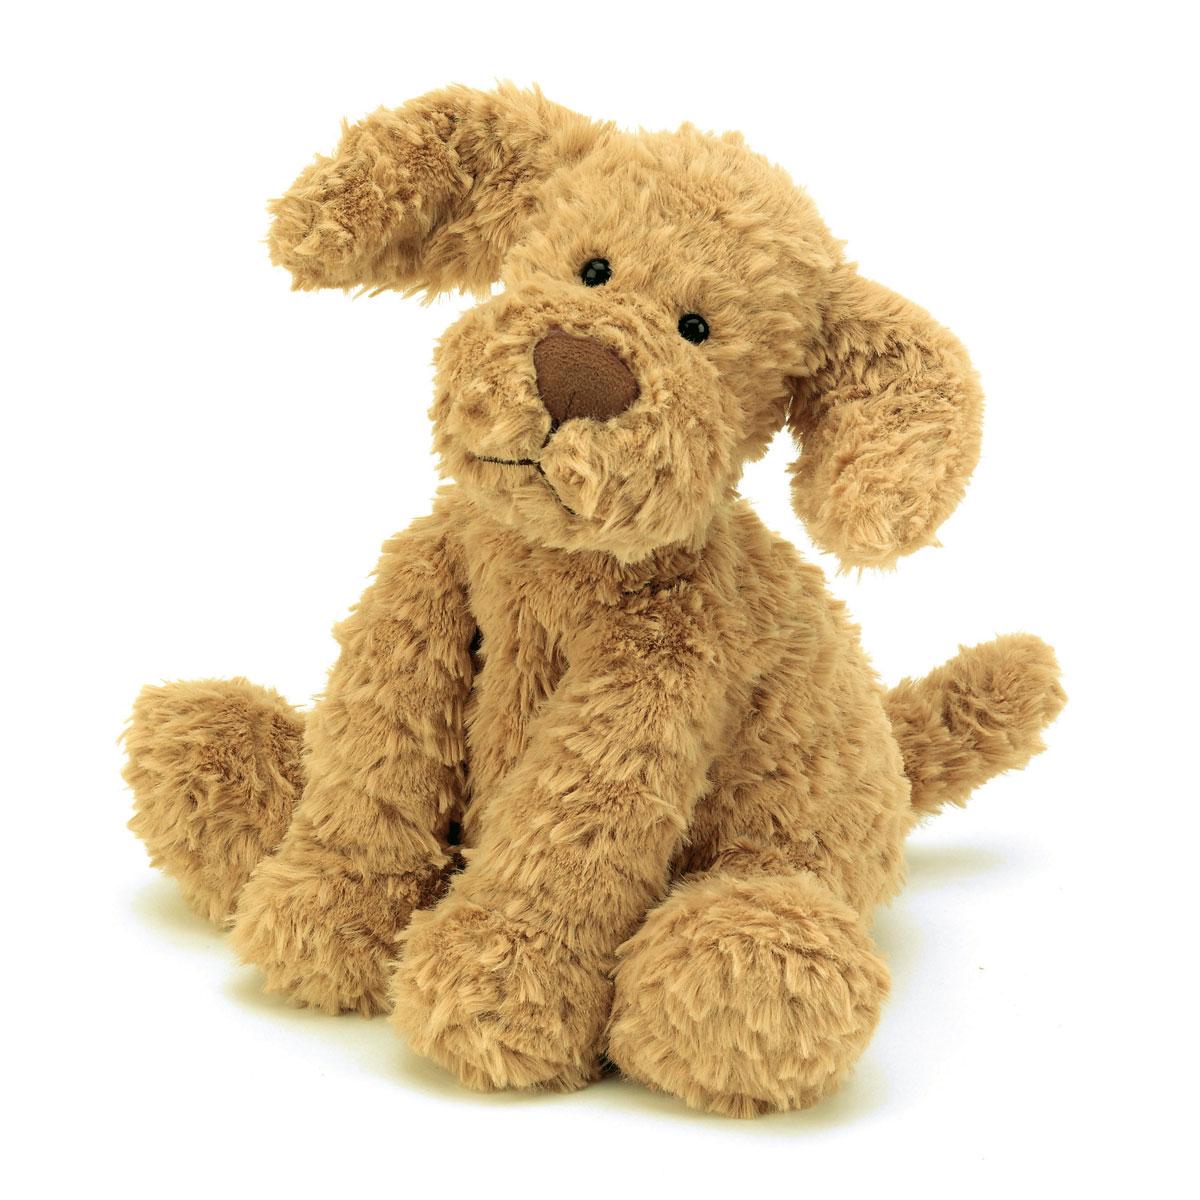 Peluche Fuddlewuddle Puppy - Medium Fuddlewuddle Puppy - Medium